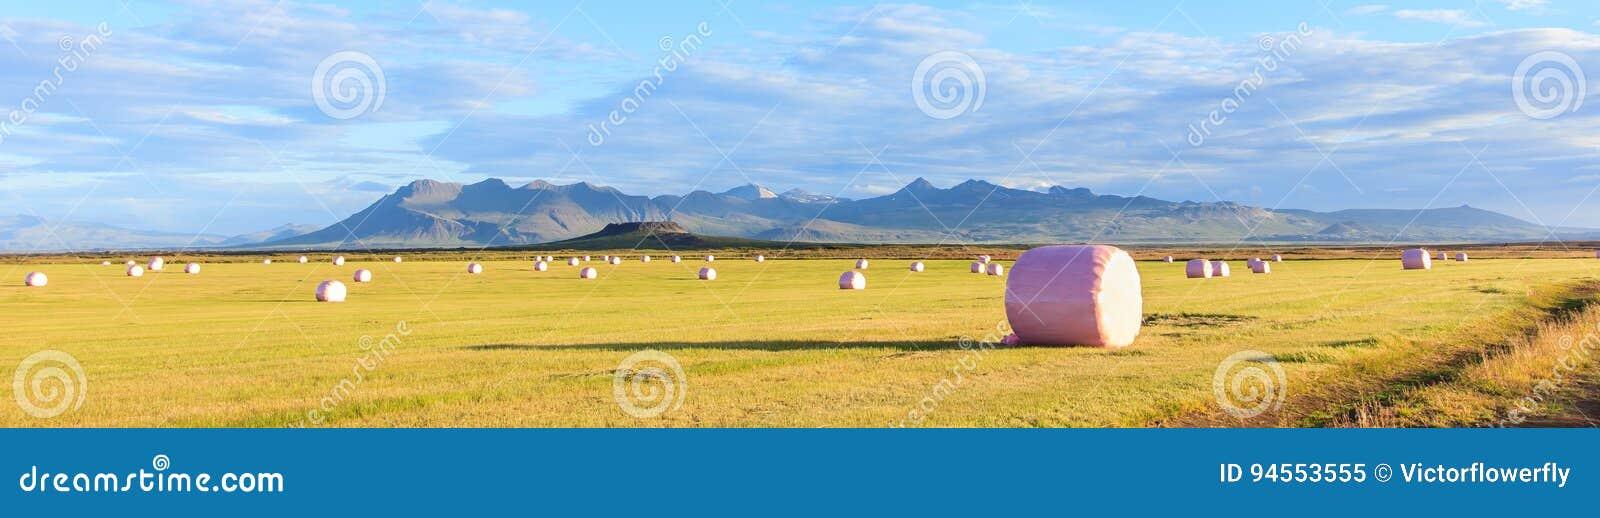 Сухая связка сена в розовой полиэтиленовой пленке, который нужно запасти на сезон зимы с красочными горами как предпосылка